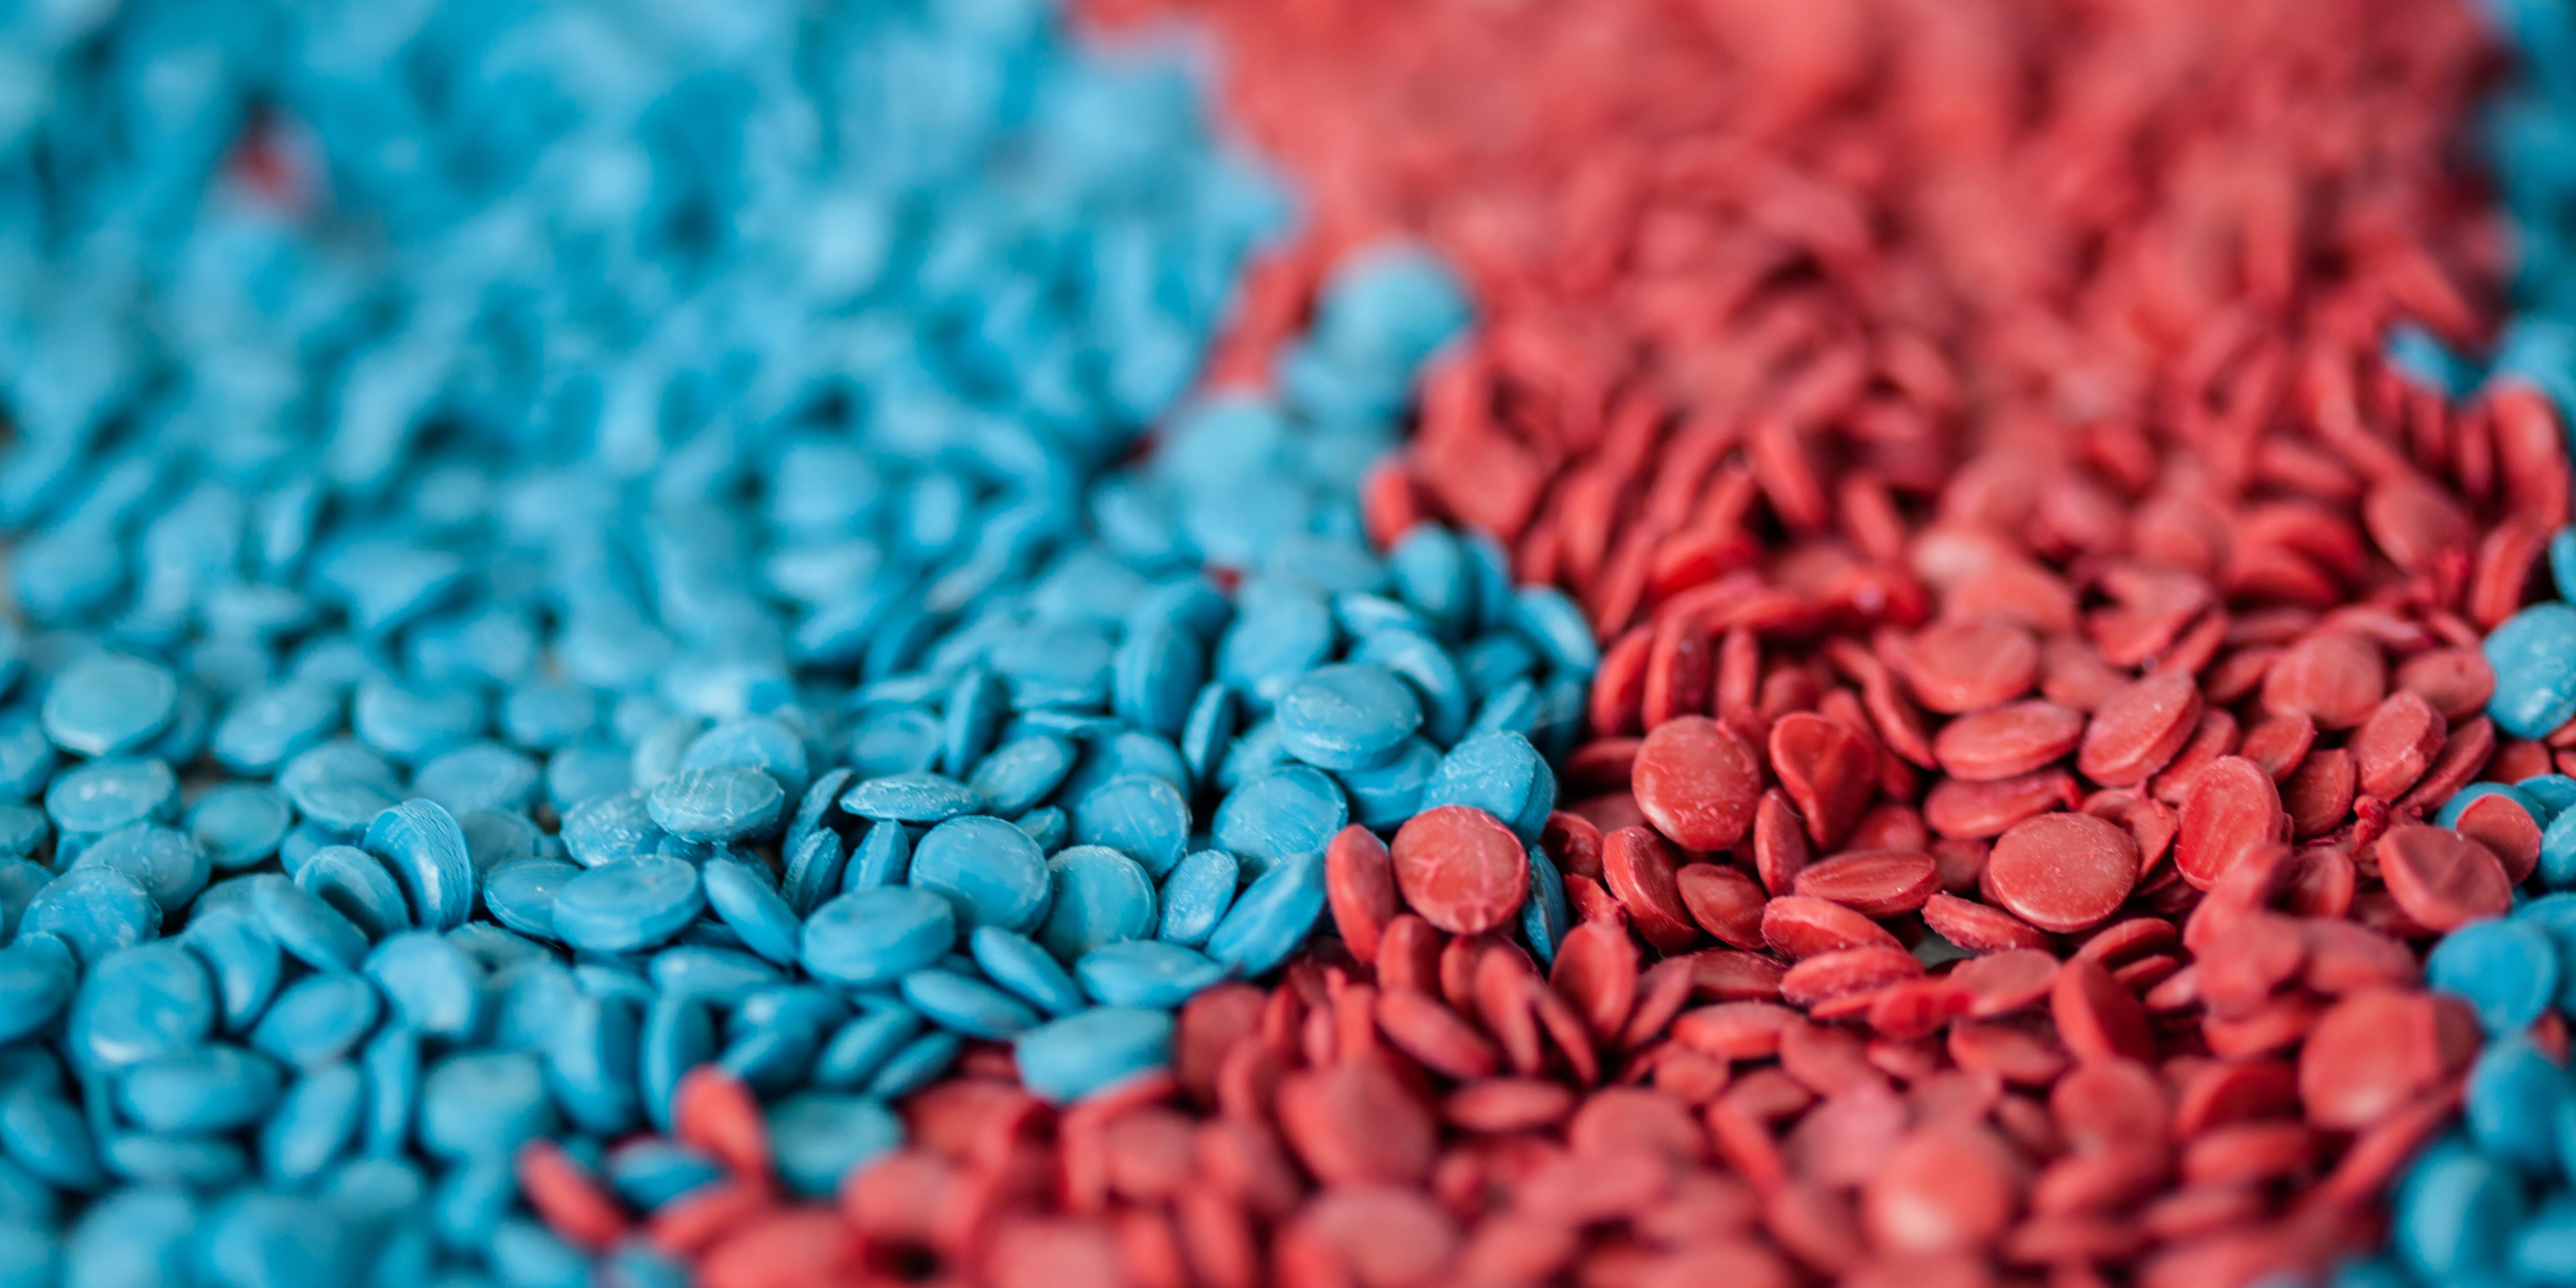 3 نکته مهم عرضههای امروز مواد اولیه پلیمری؛ یکشنبه 7 آذرماه 1395